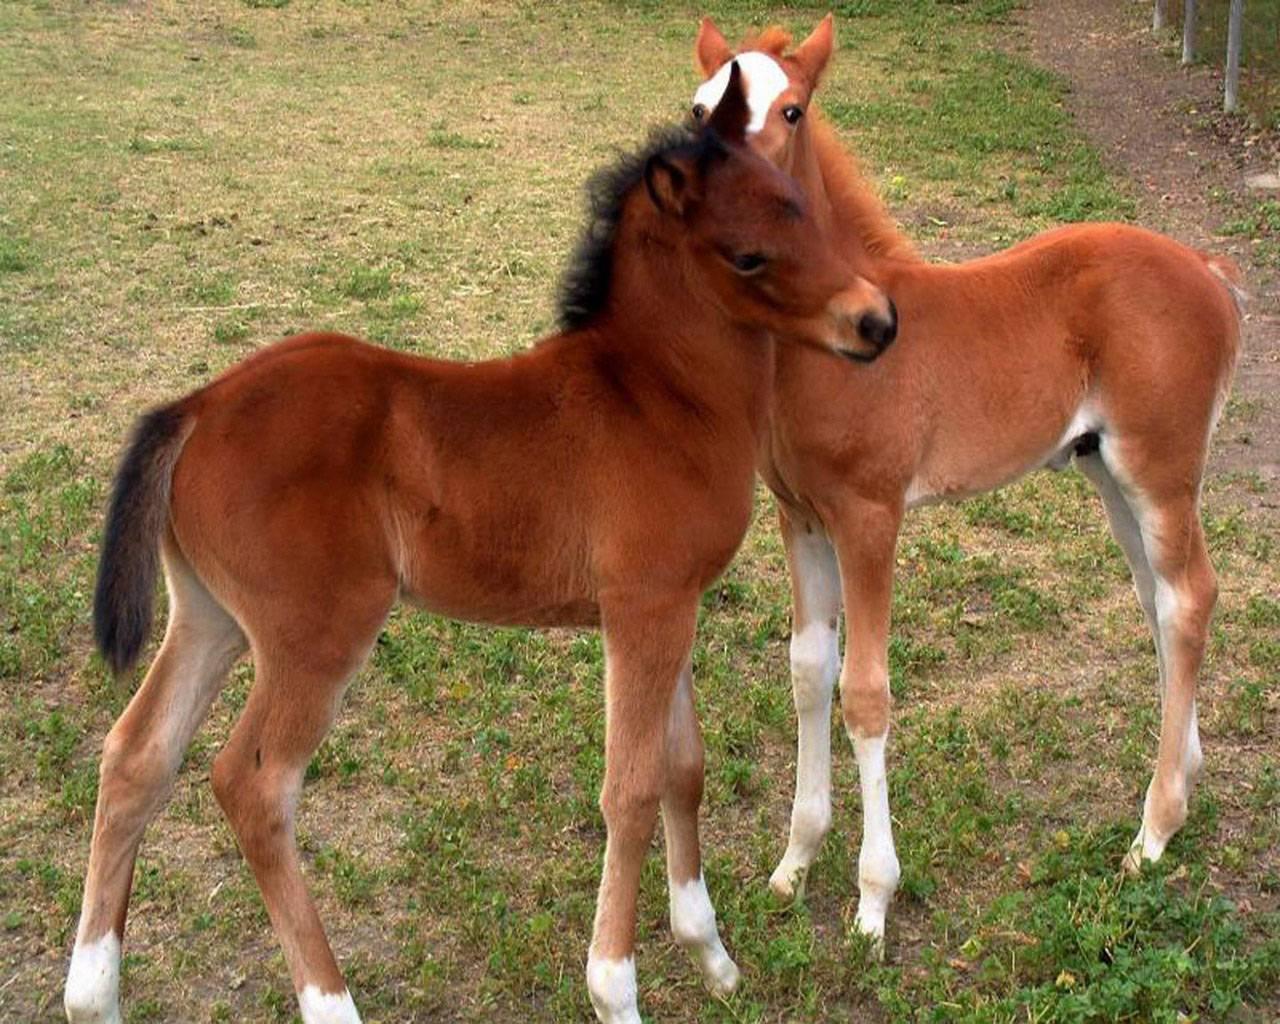 Лошадь тинкер (30 фото): уход за конями цыганской упряжной породы, кормление жеребенка